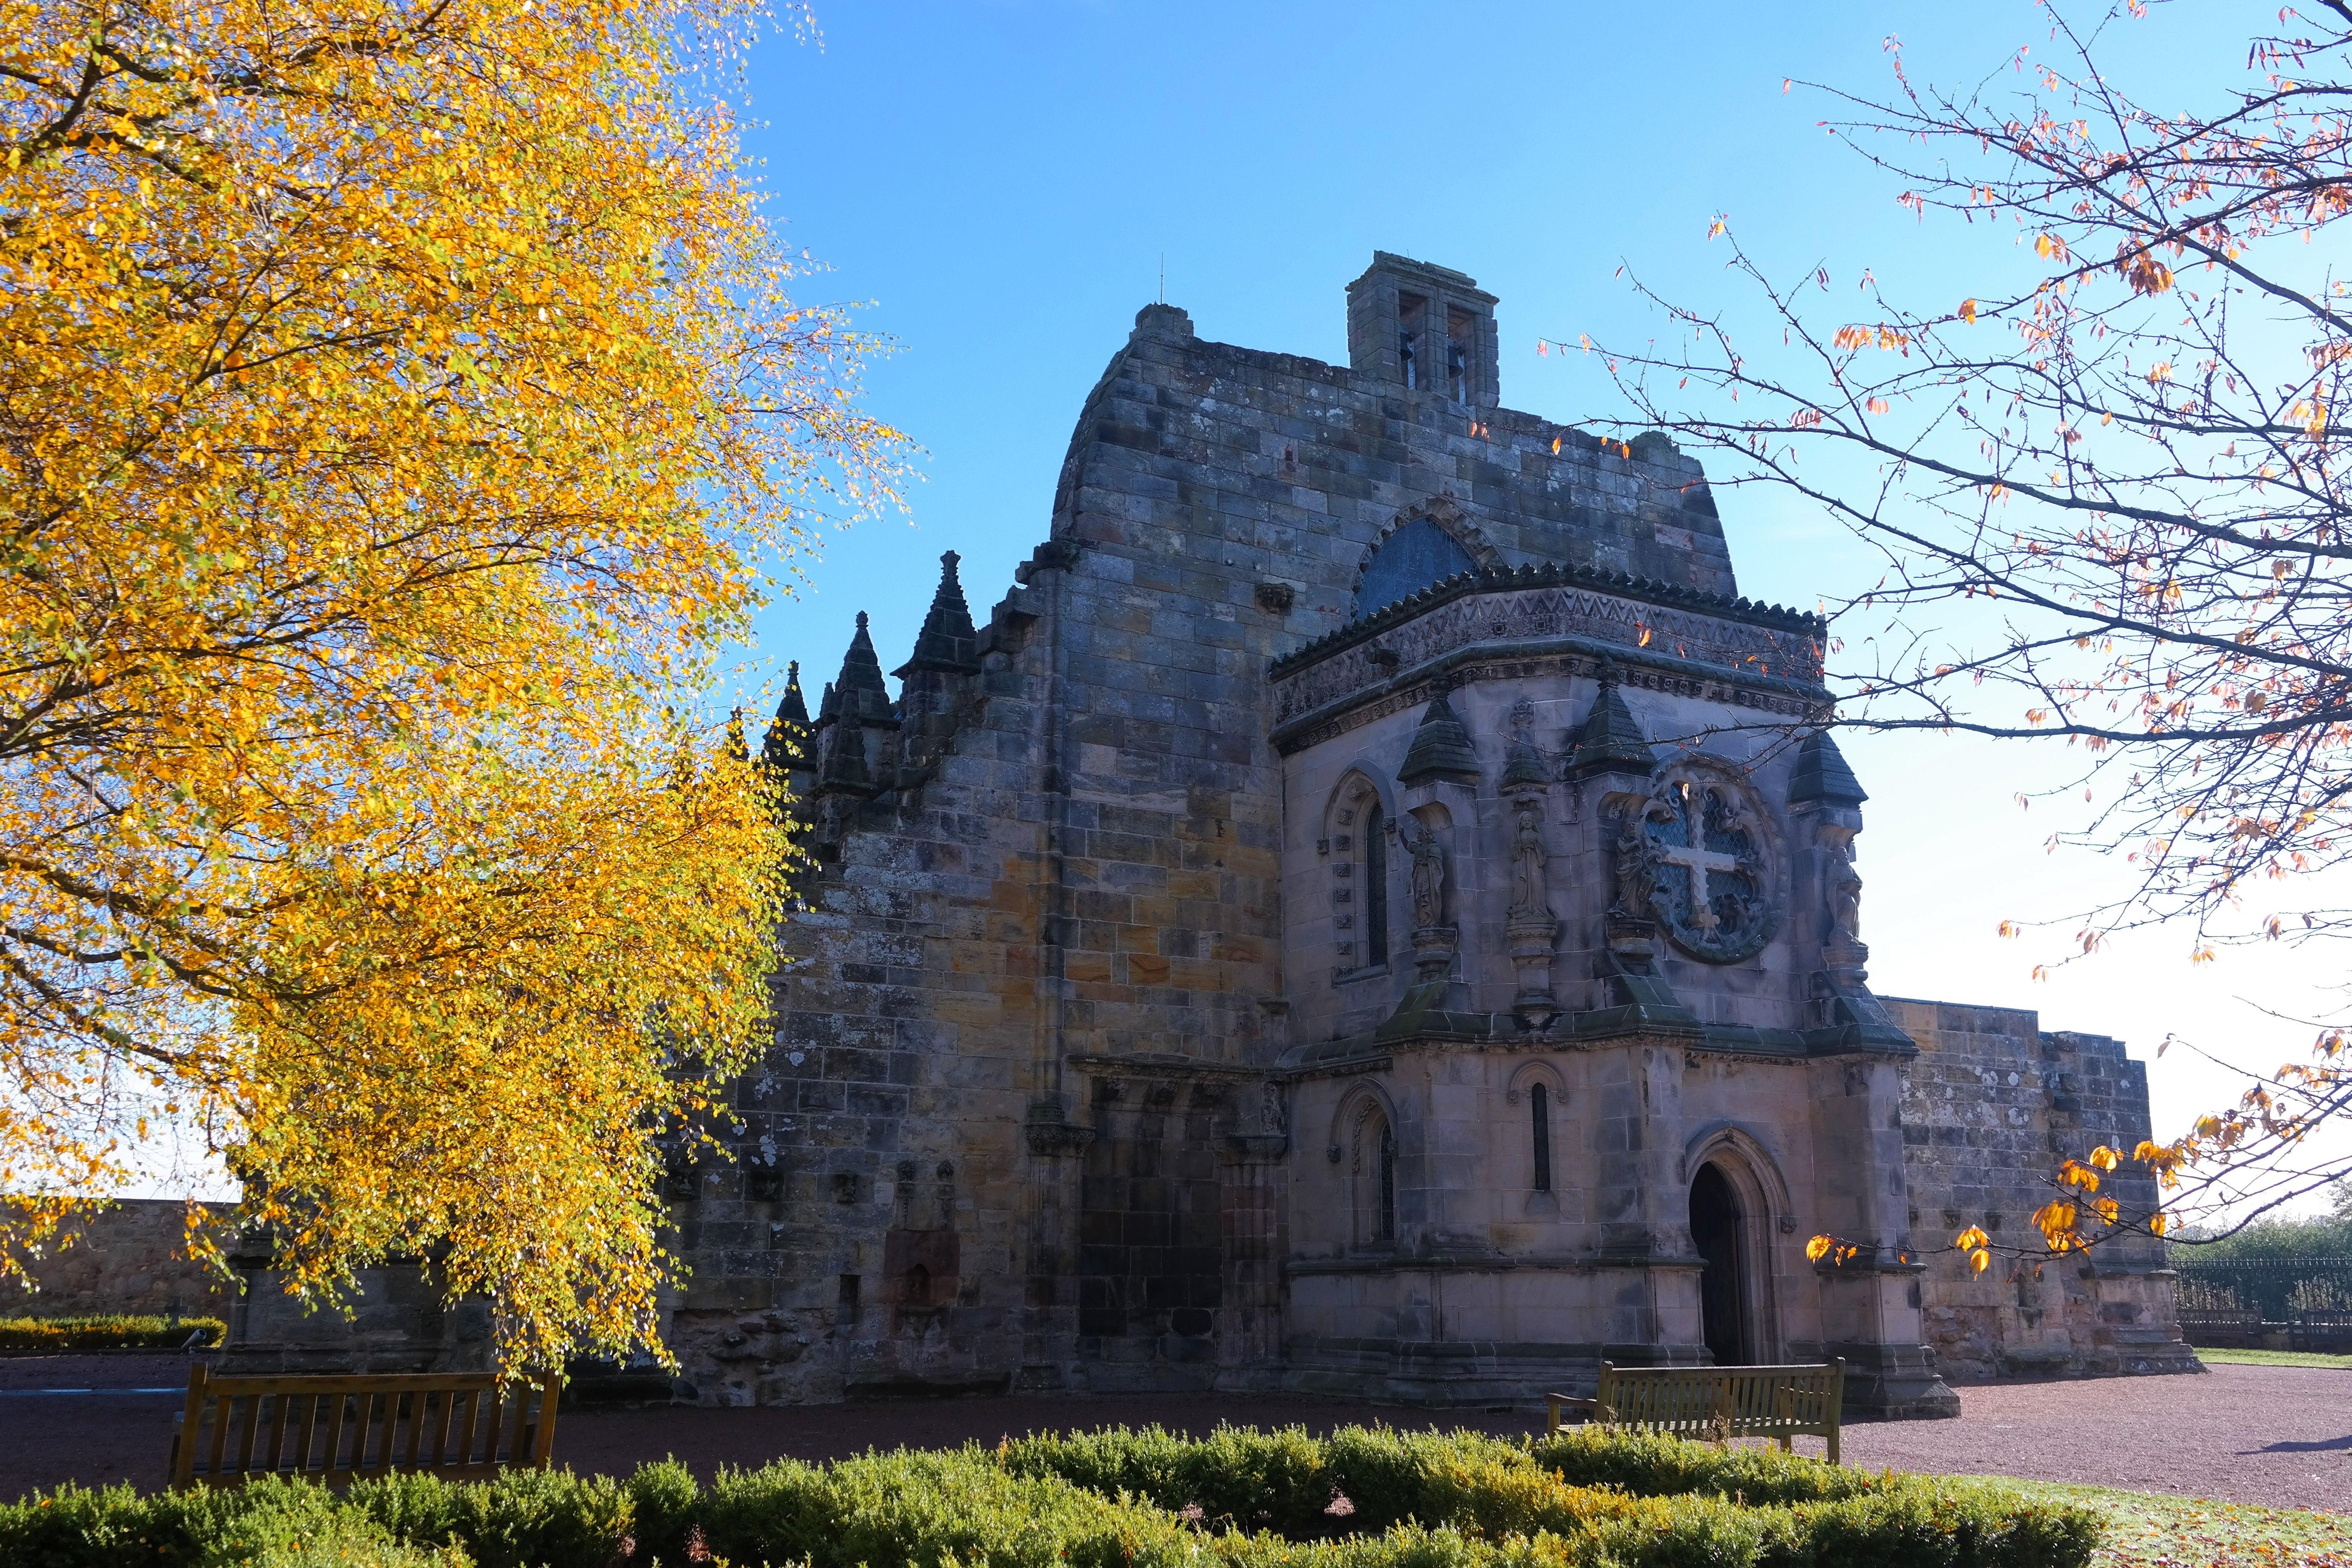 Rosslyn Chapel – TwoPassportsOnePen